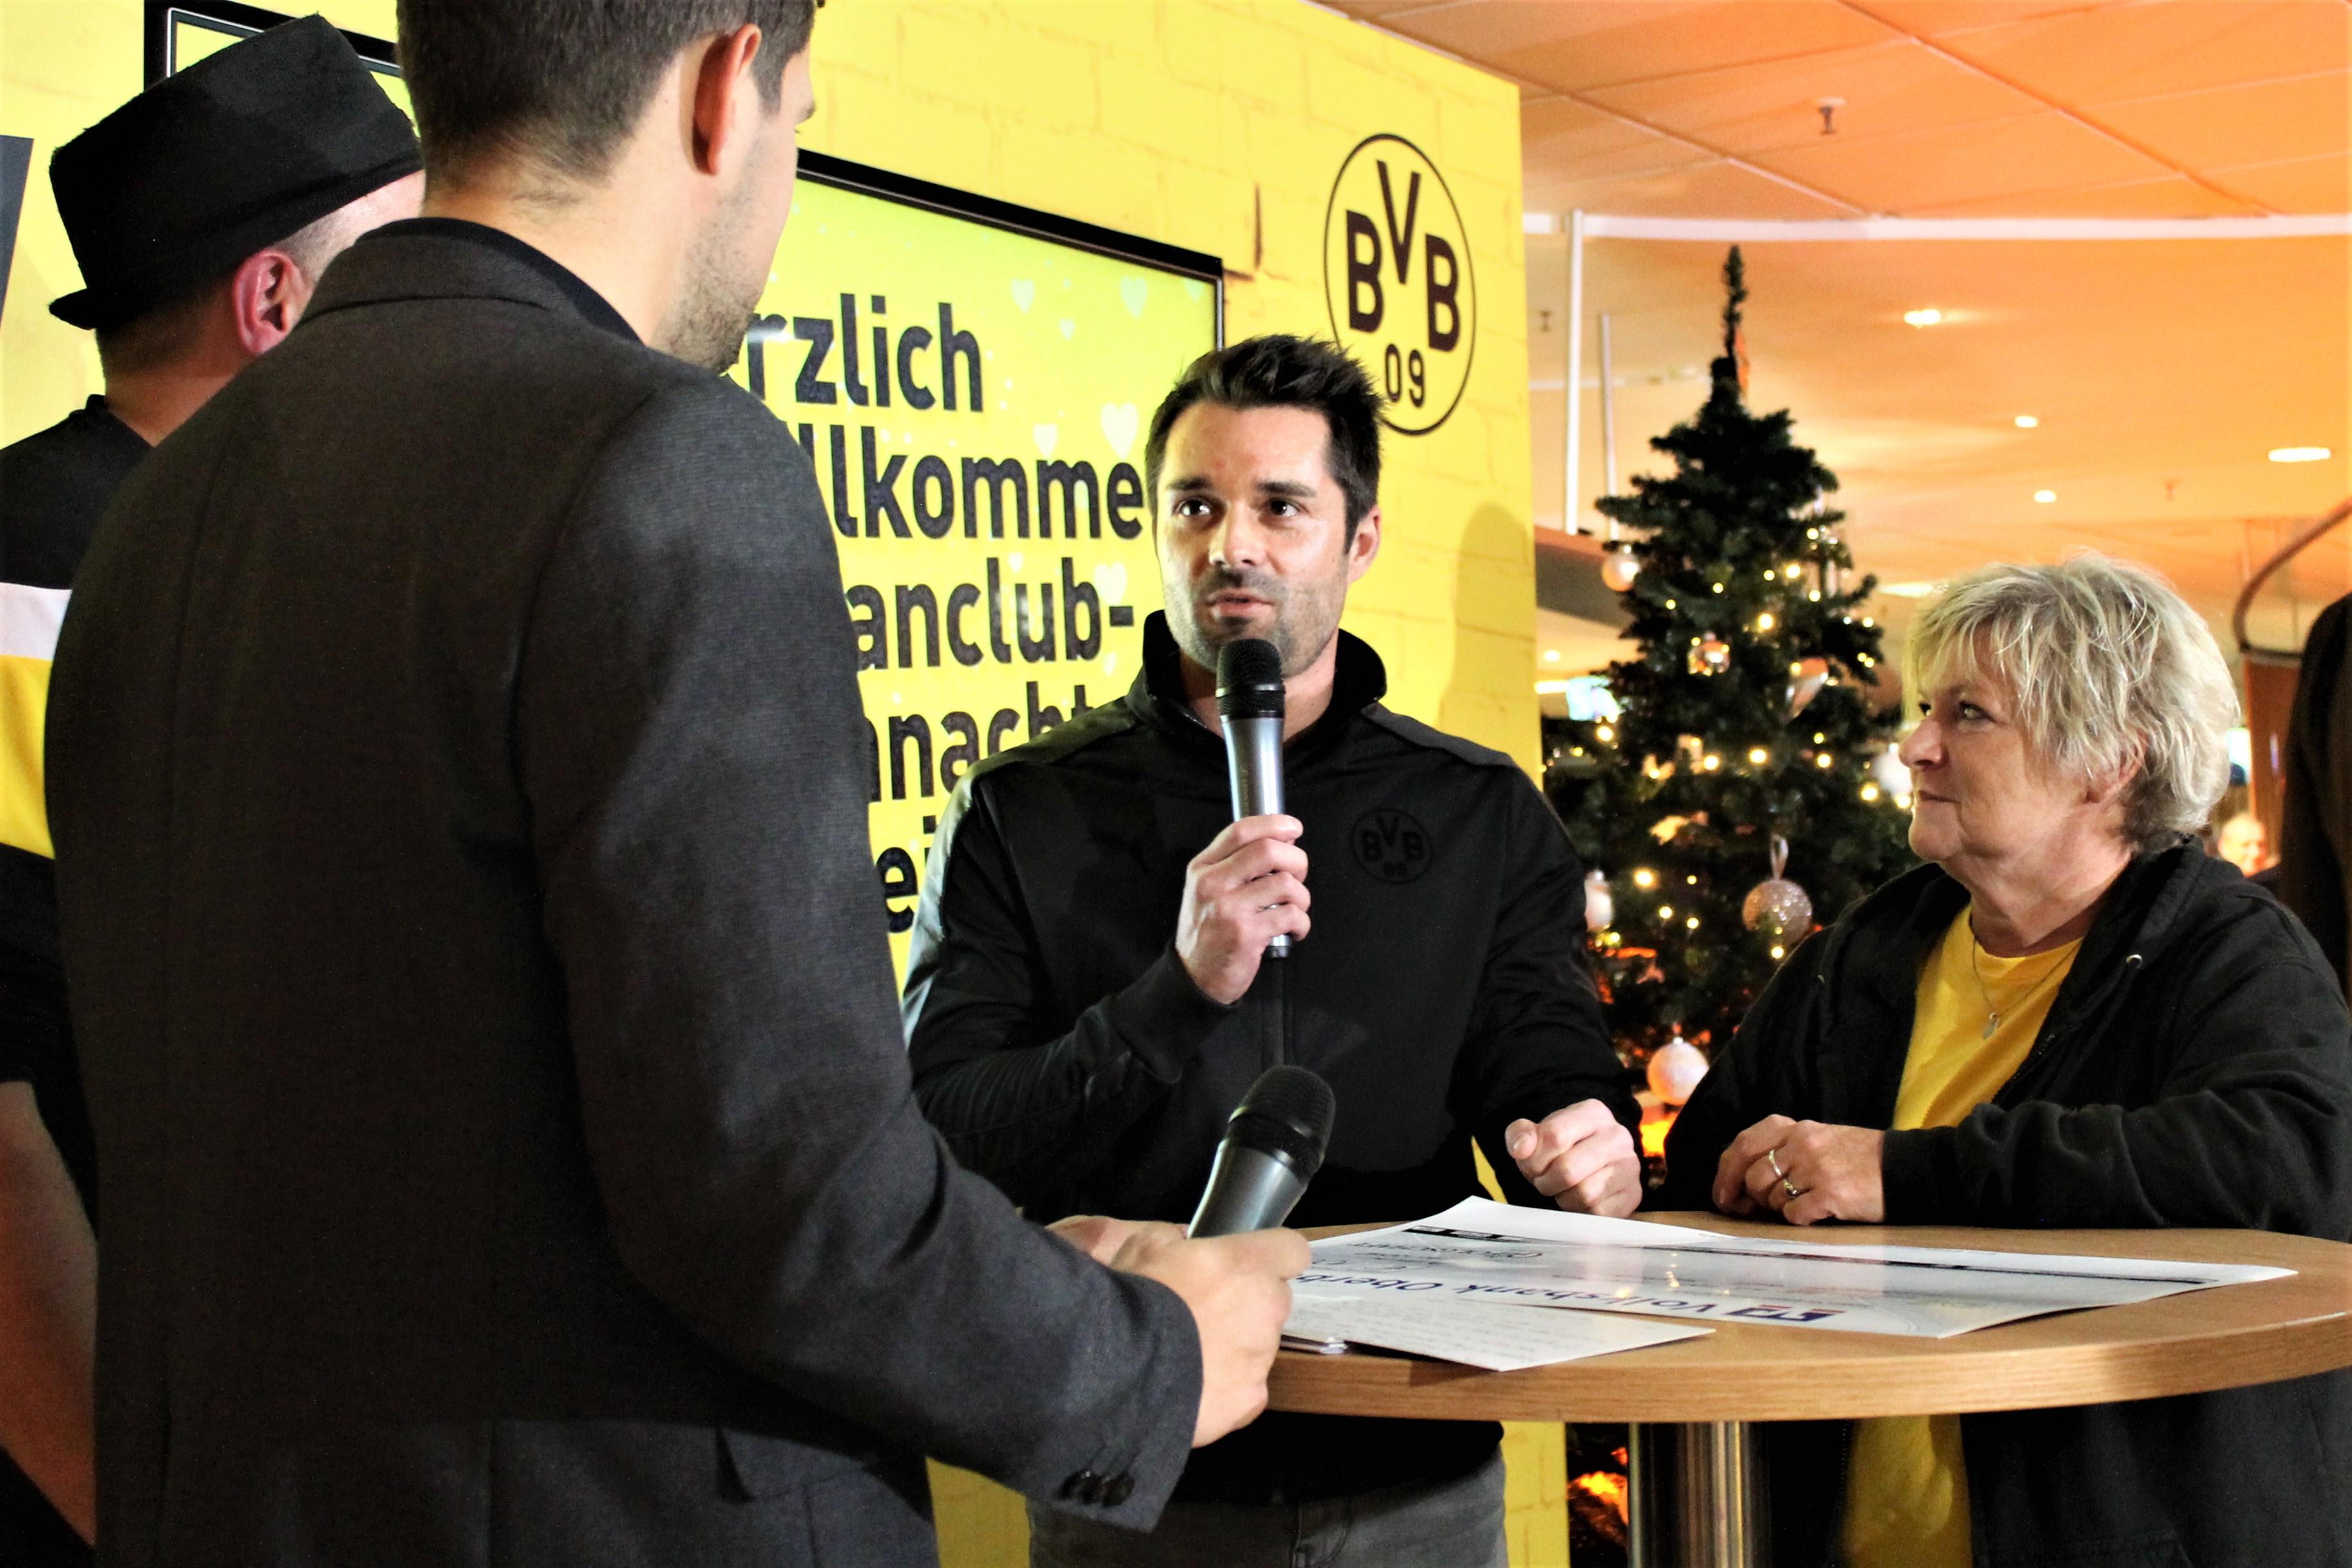 Weihnachtsfeier Bvb.Bvb Fanclub Einigkeit Bvb Fanclub Weihnachtsfeier 2018